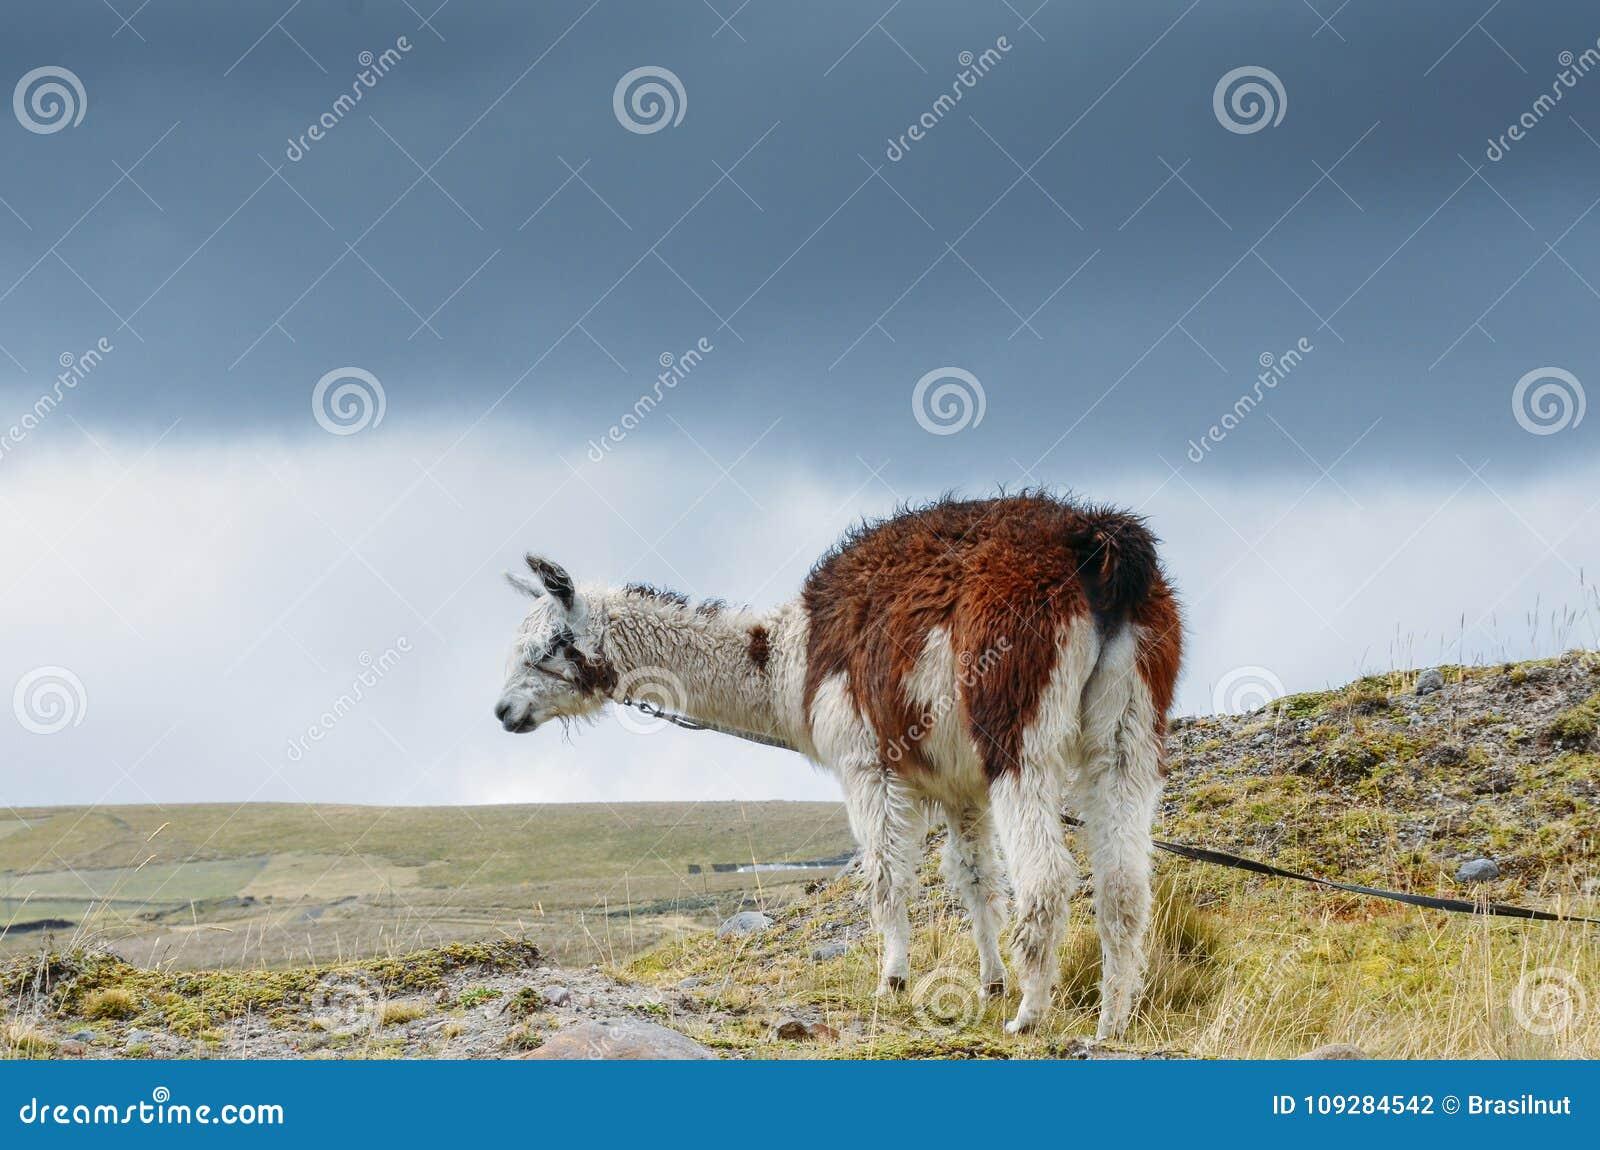 骆马是一被驯化的南美camelid,用途广泛作为肉和驮兽由安地斯山的文化从哥伦布发现美洲大陆以前e